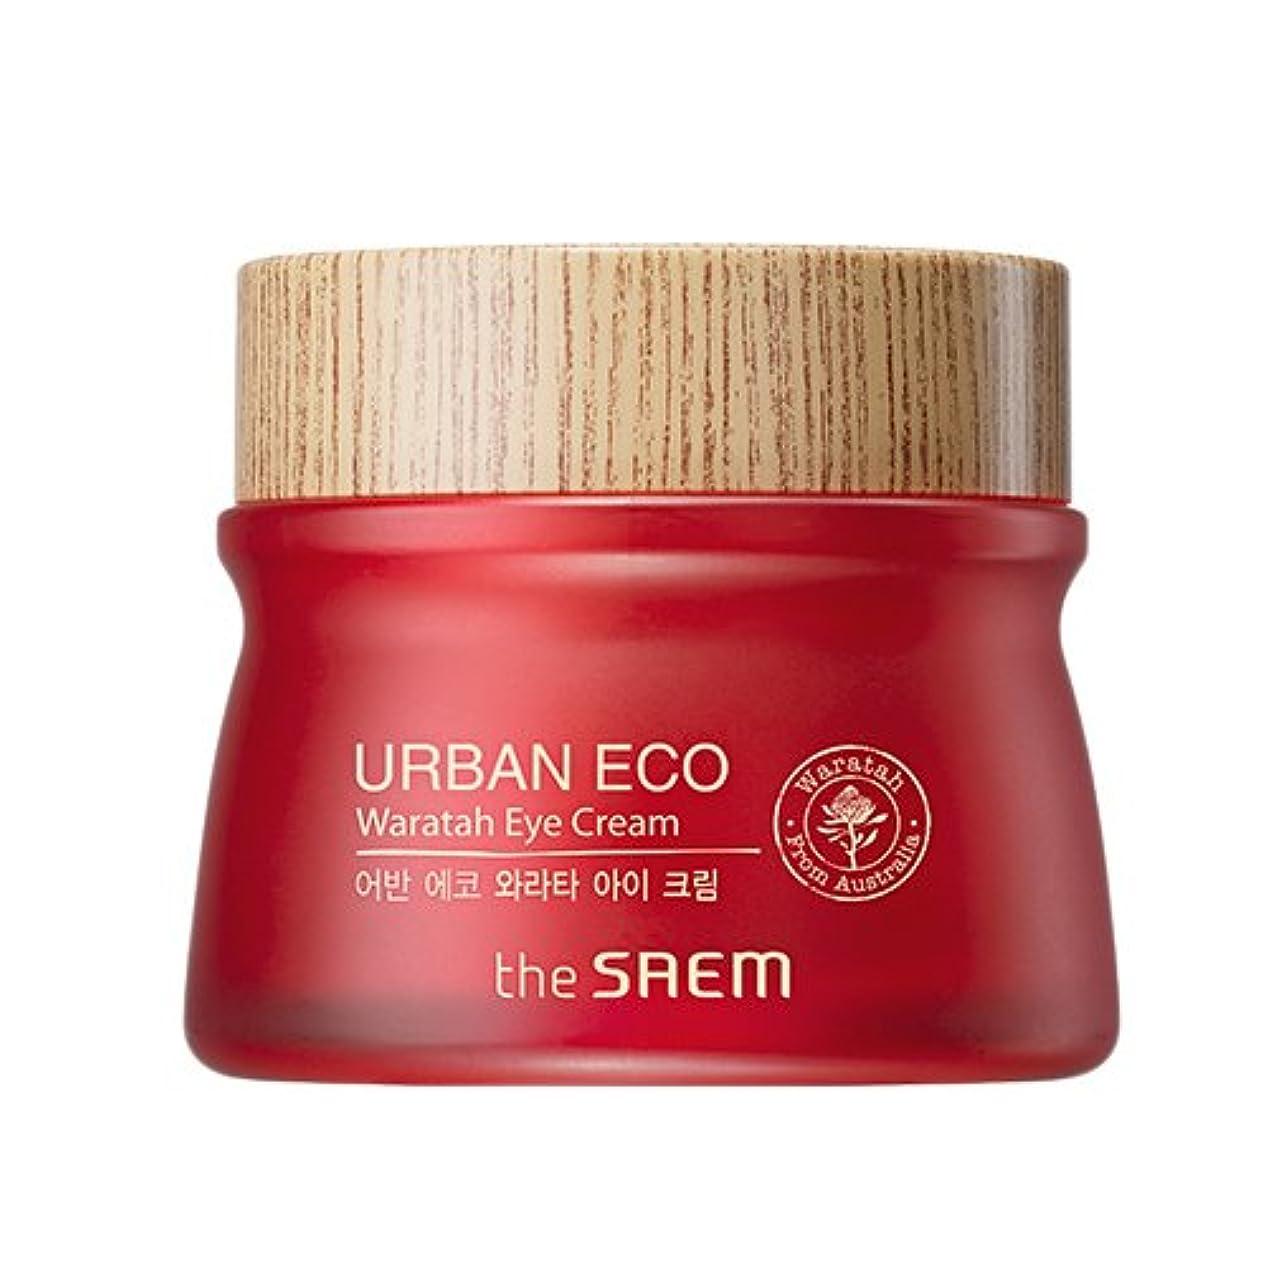 秋秋フィードドセム アーバンエコワラターアイクリーム 30ml Urban Eco Waratah Eye Cream [並行輸入品]